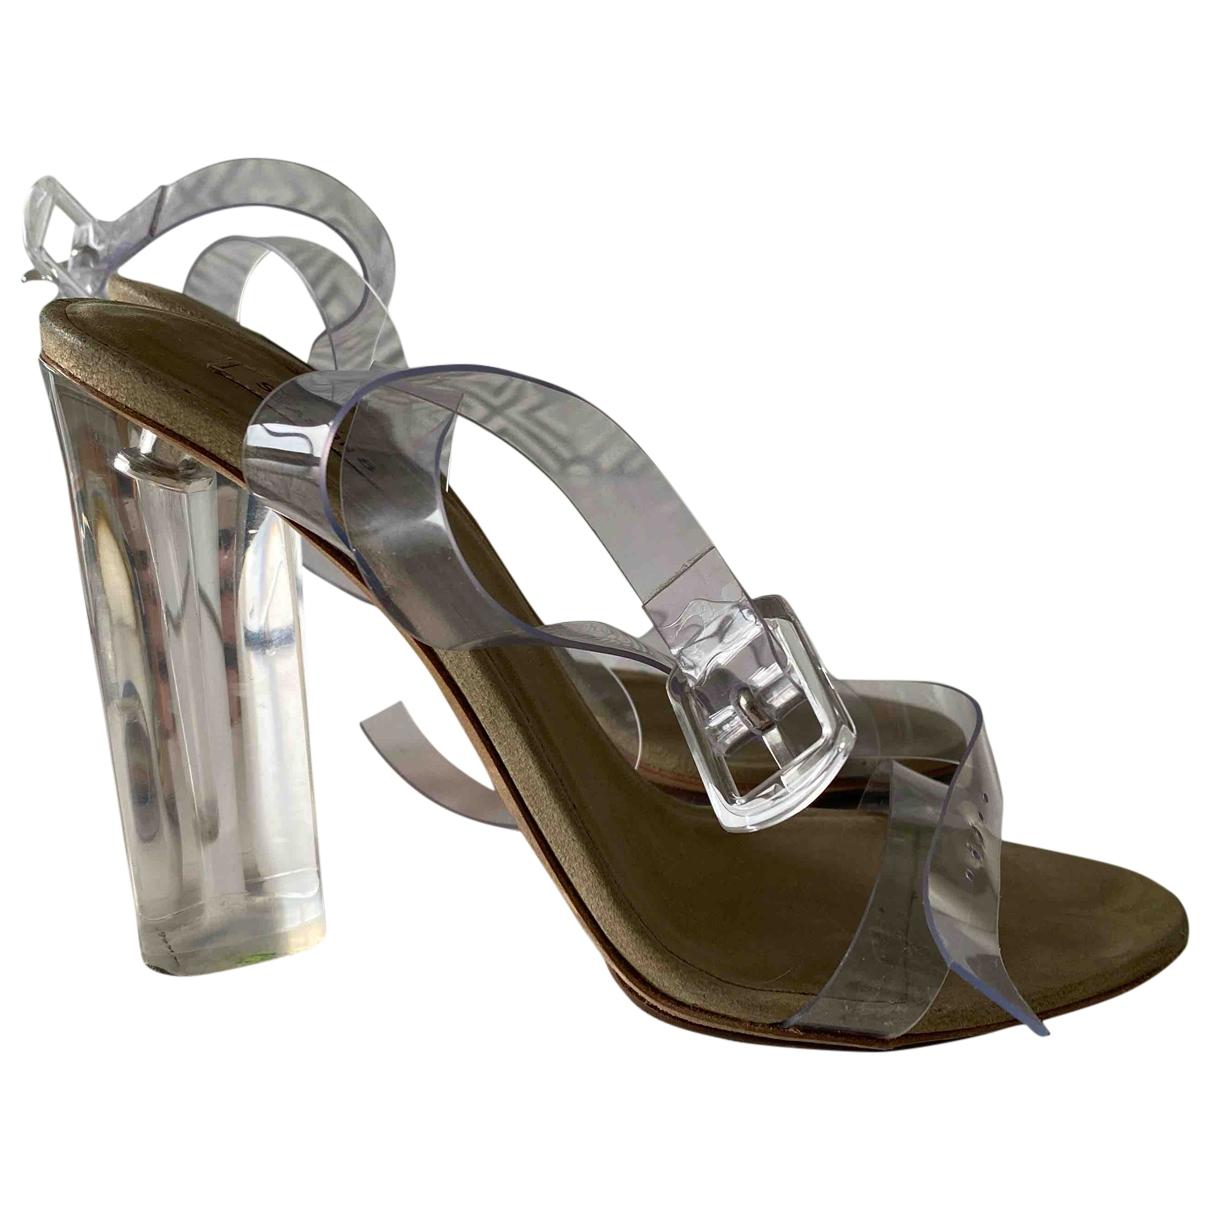 Yeezy - Sandales   pour femme - beige